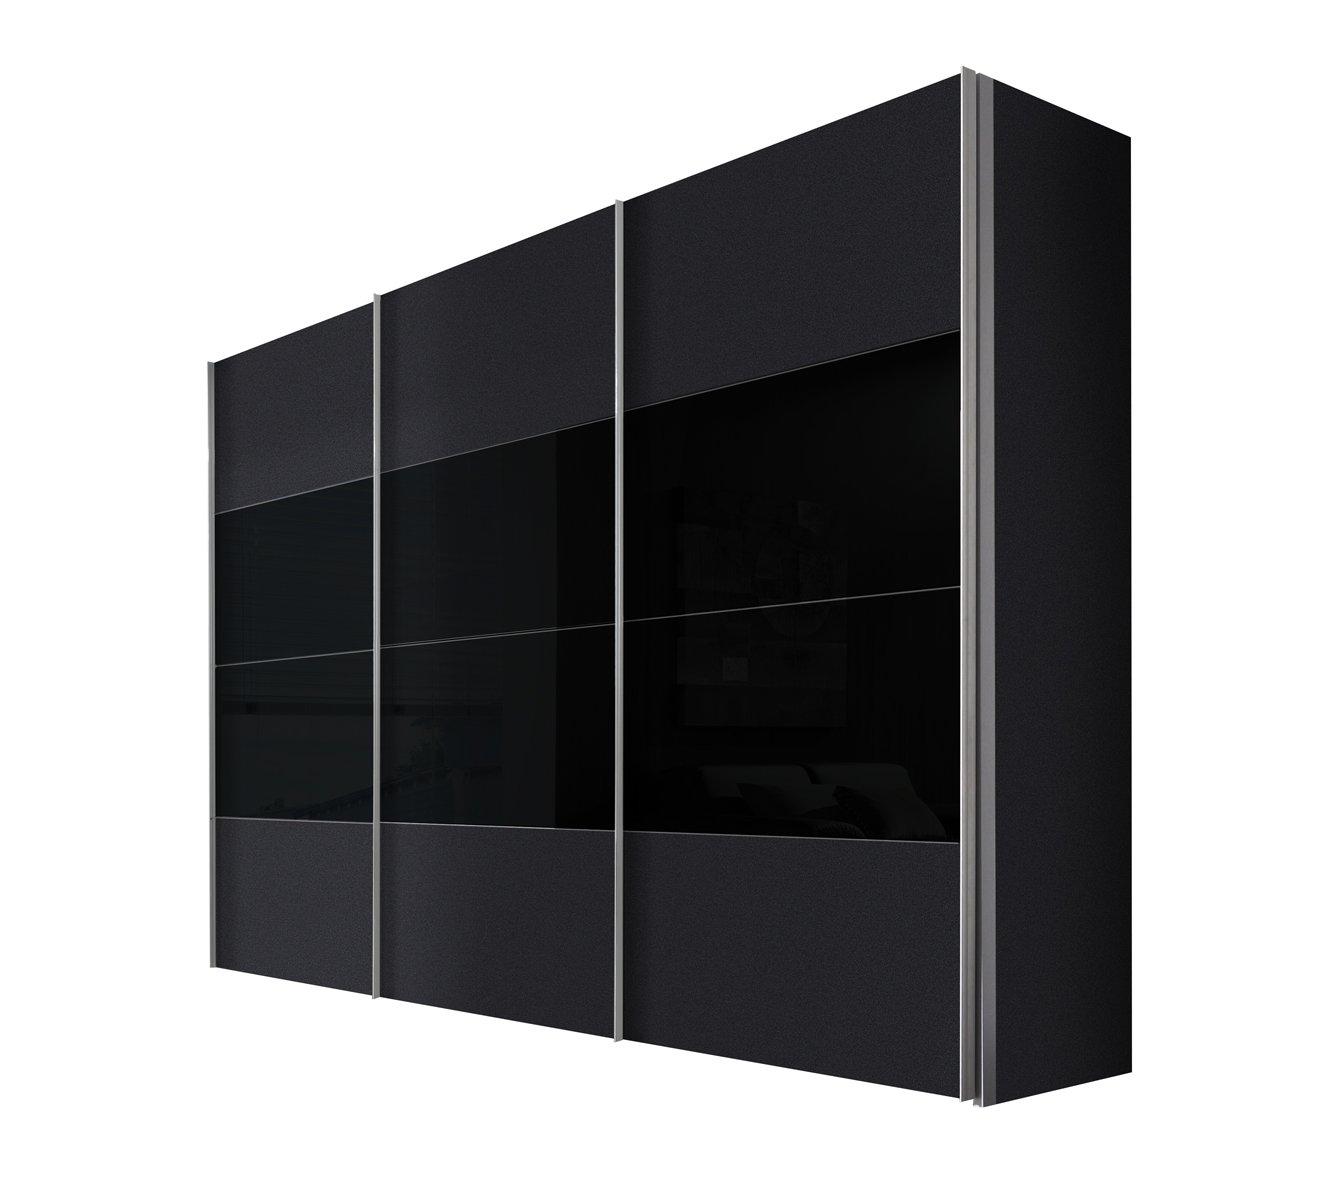 Solutions 49620-972 Schwebetürenschrank 3-türig, Korpus und Front graphit, Glas schwarz, Griffleisten alufarben, 68 x 300 x 216 cm